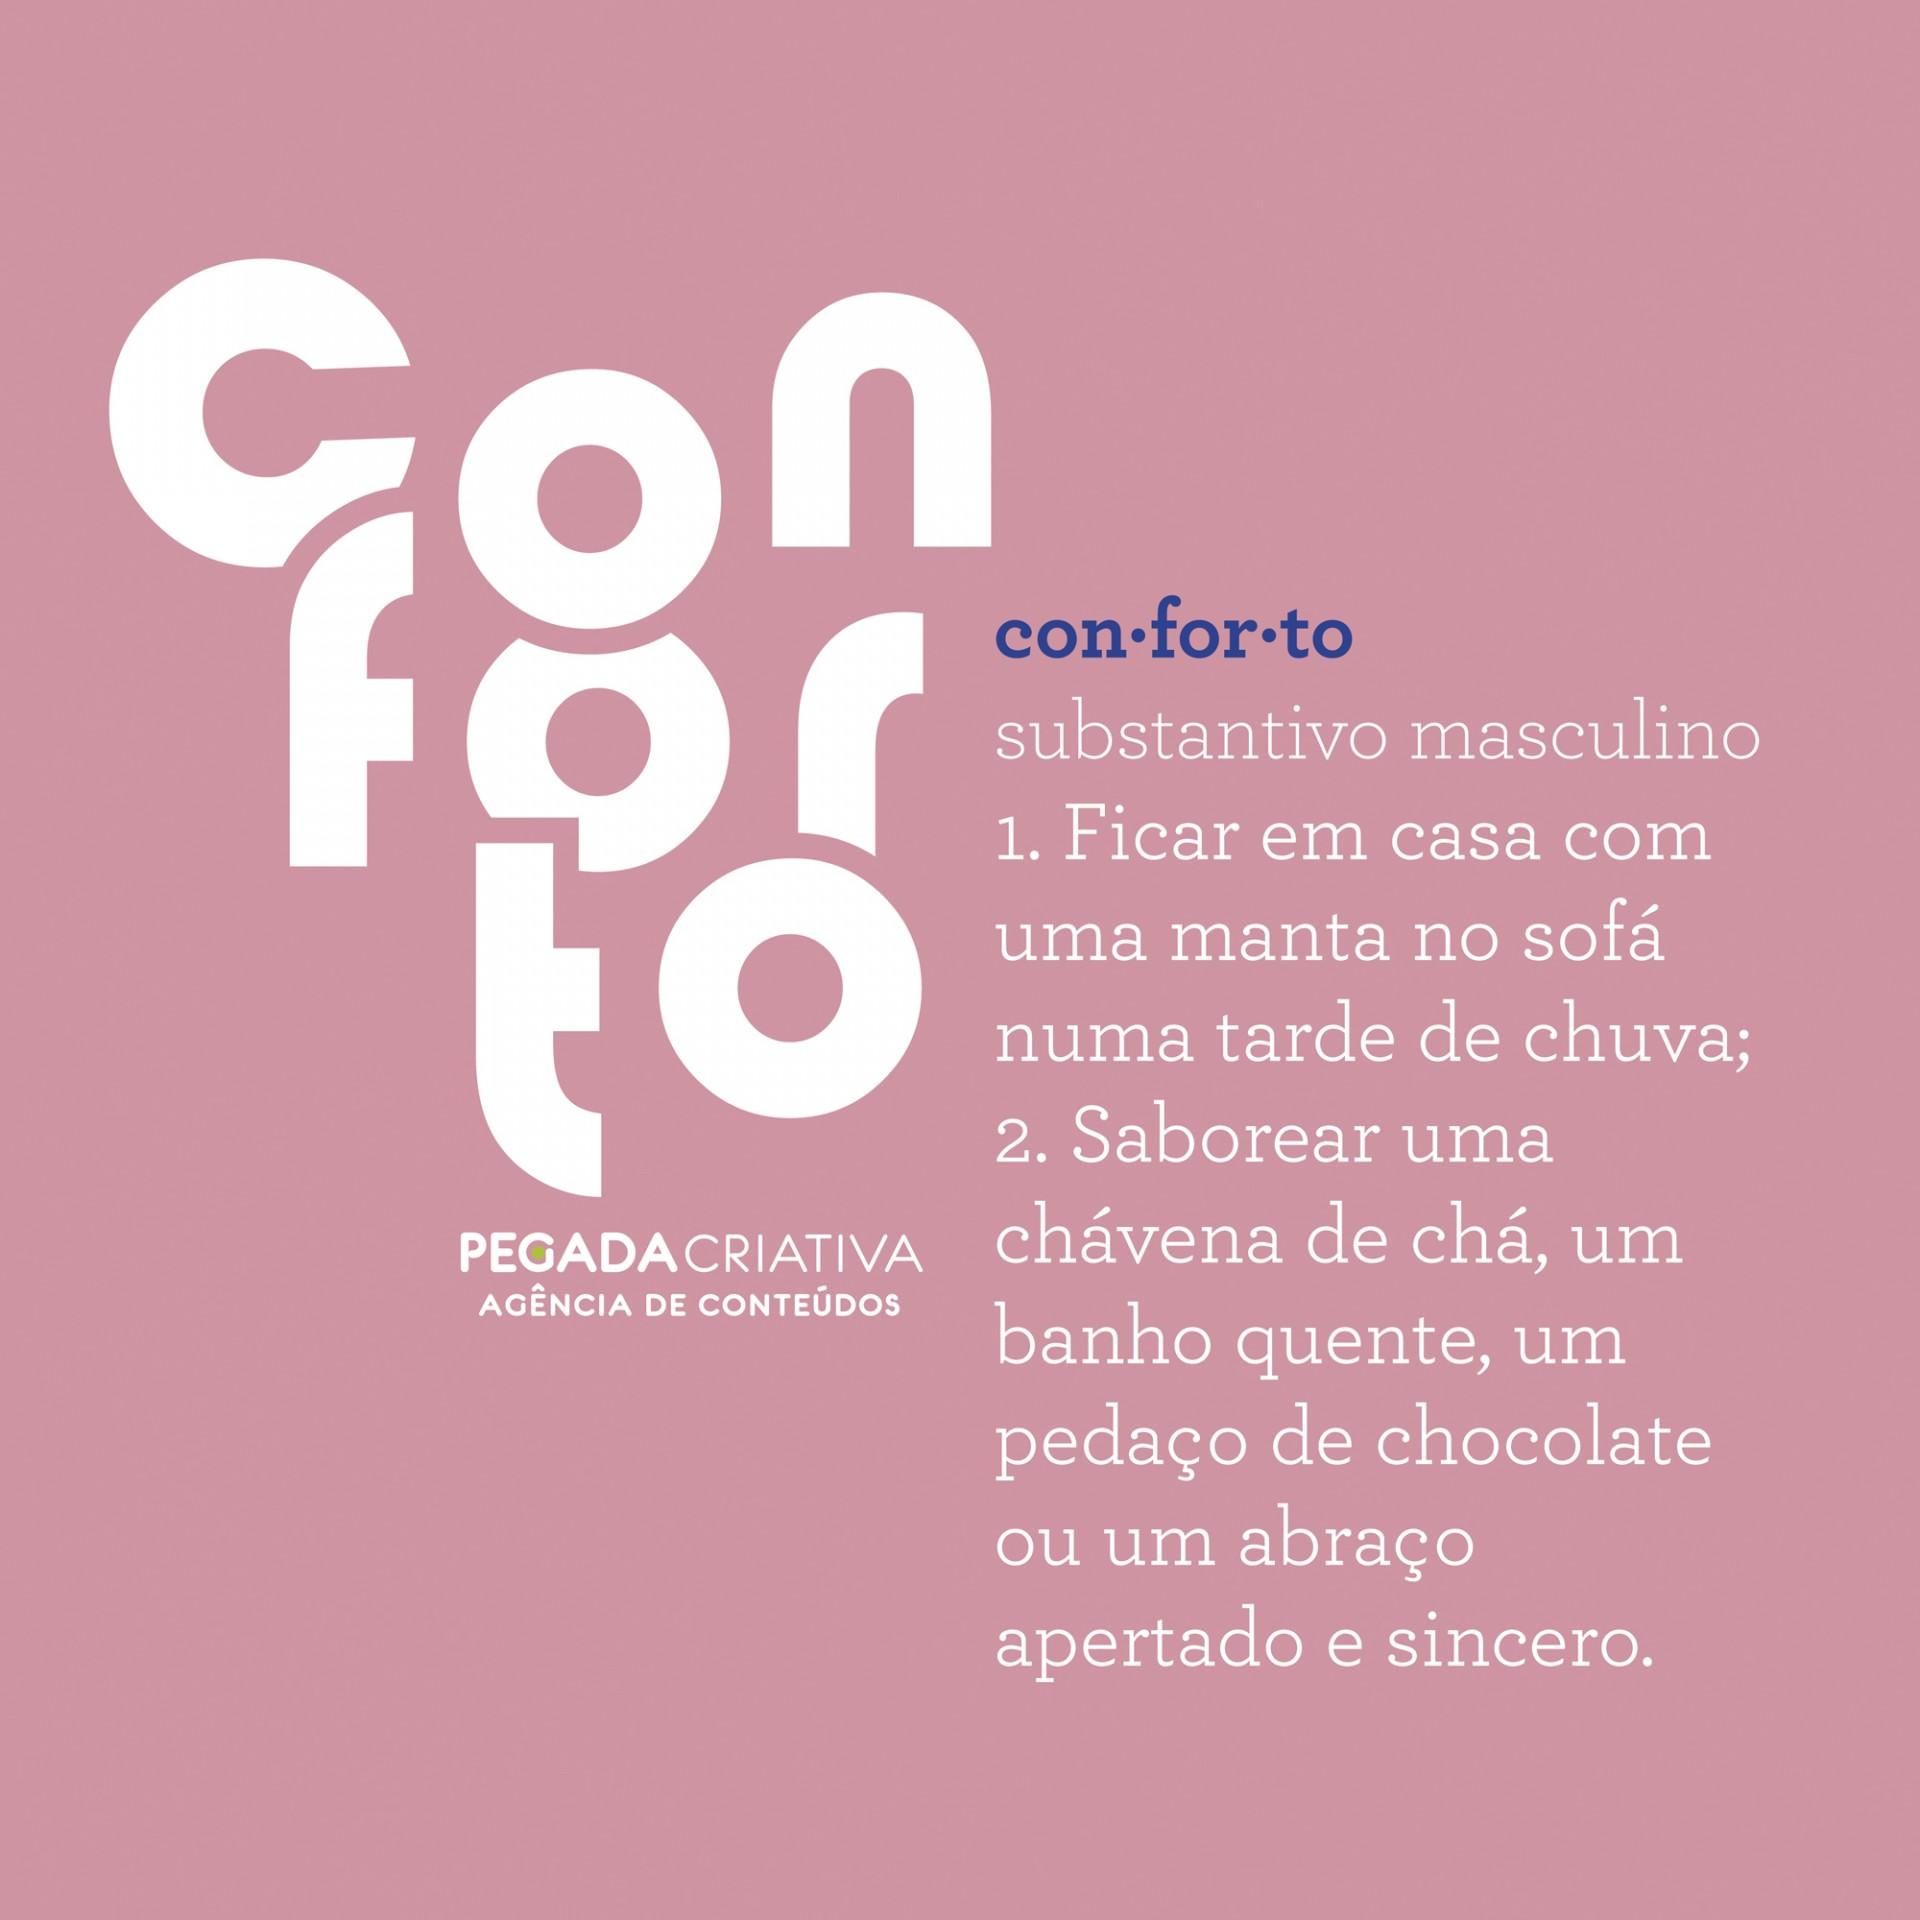 Poster Conforto